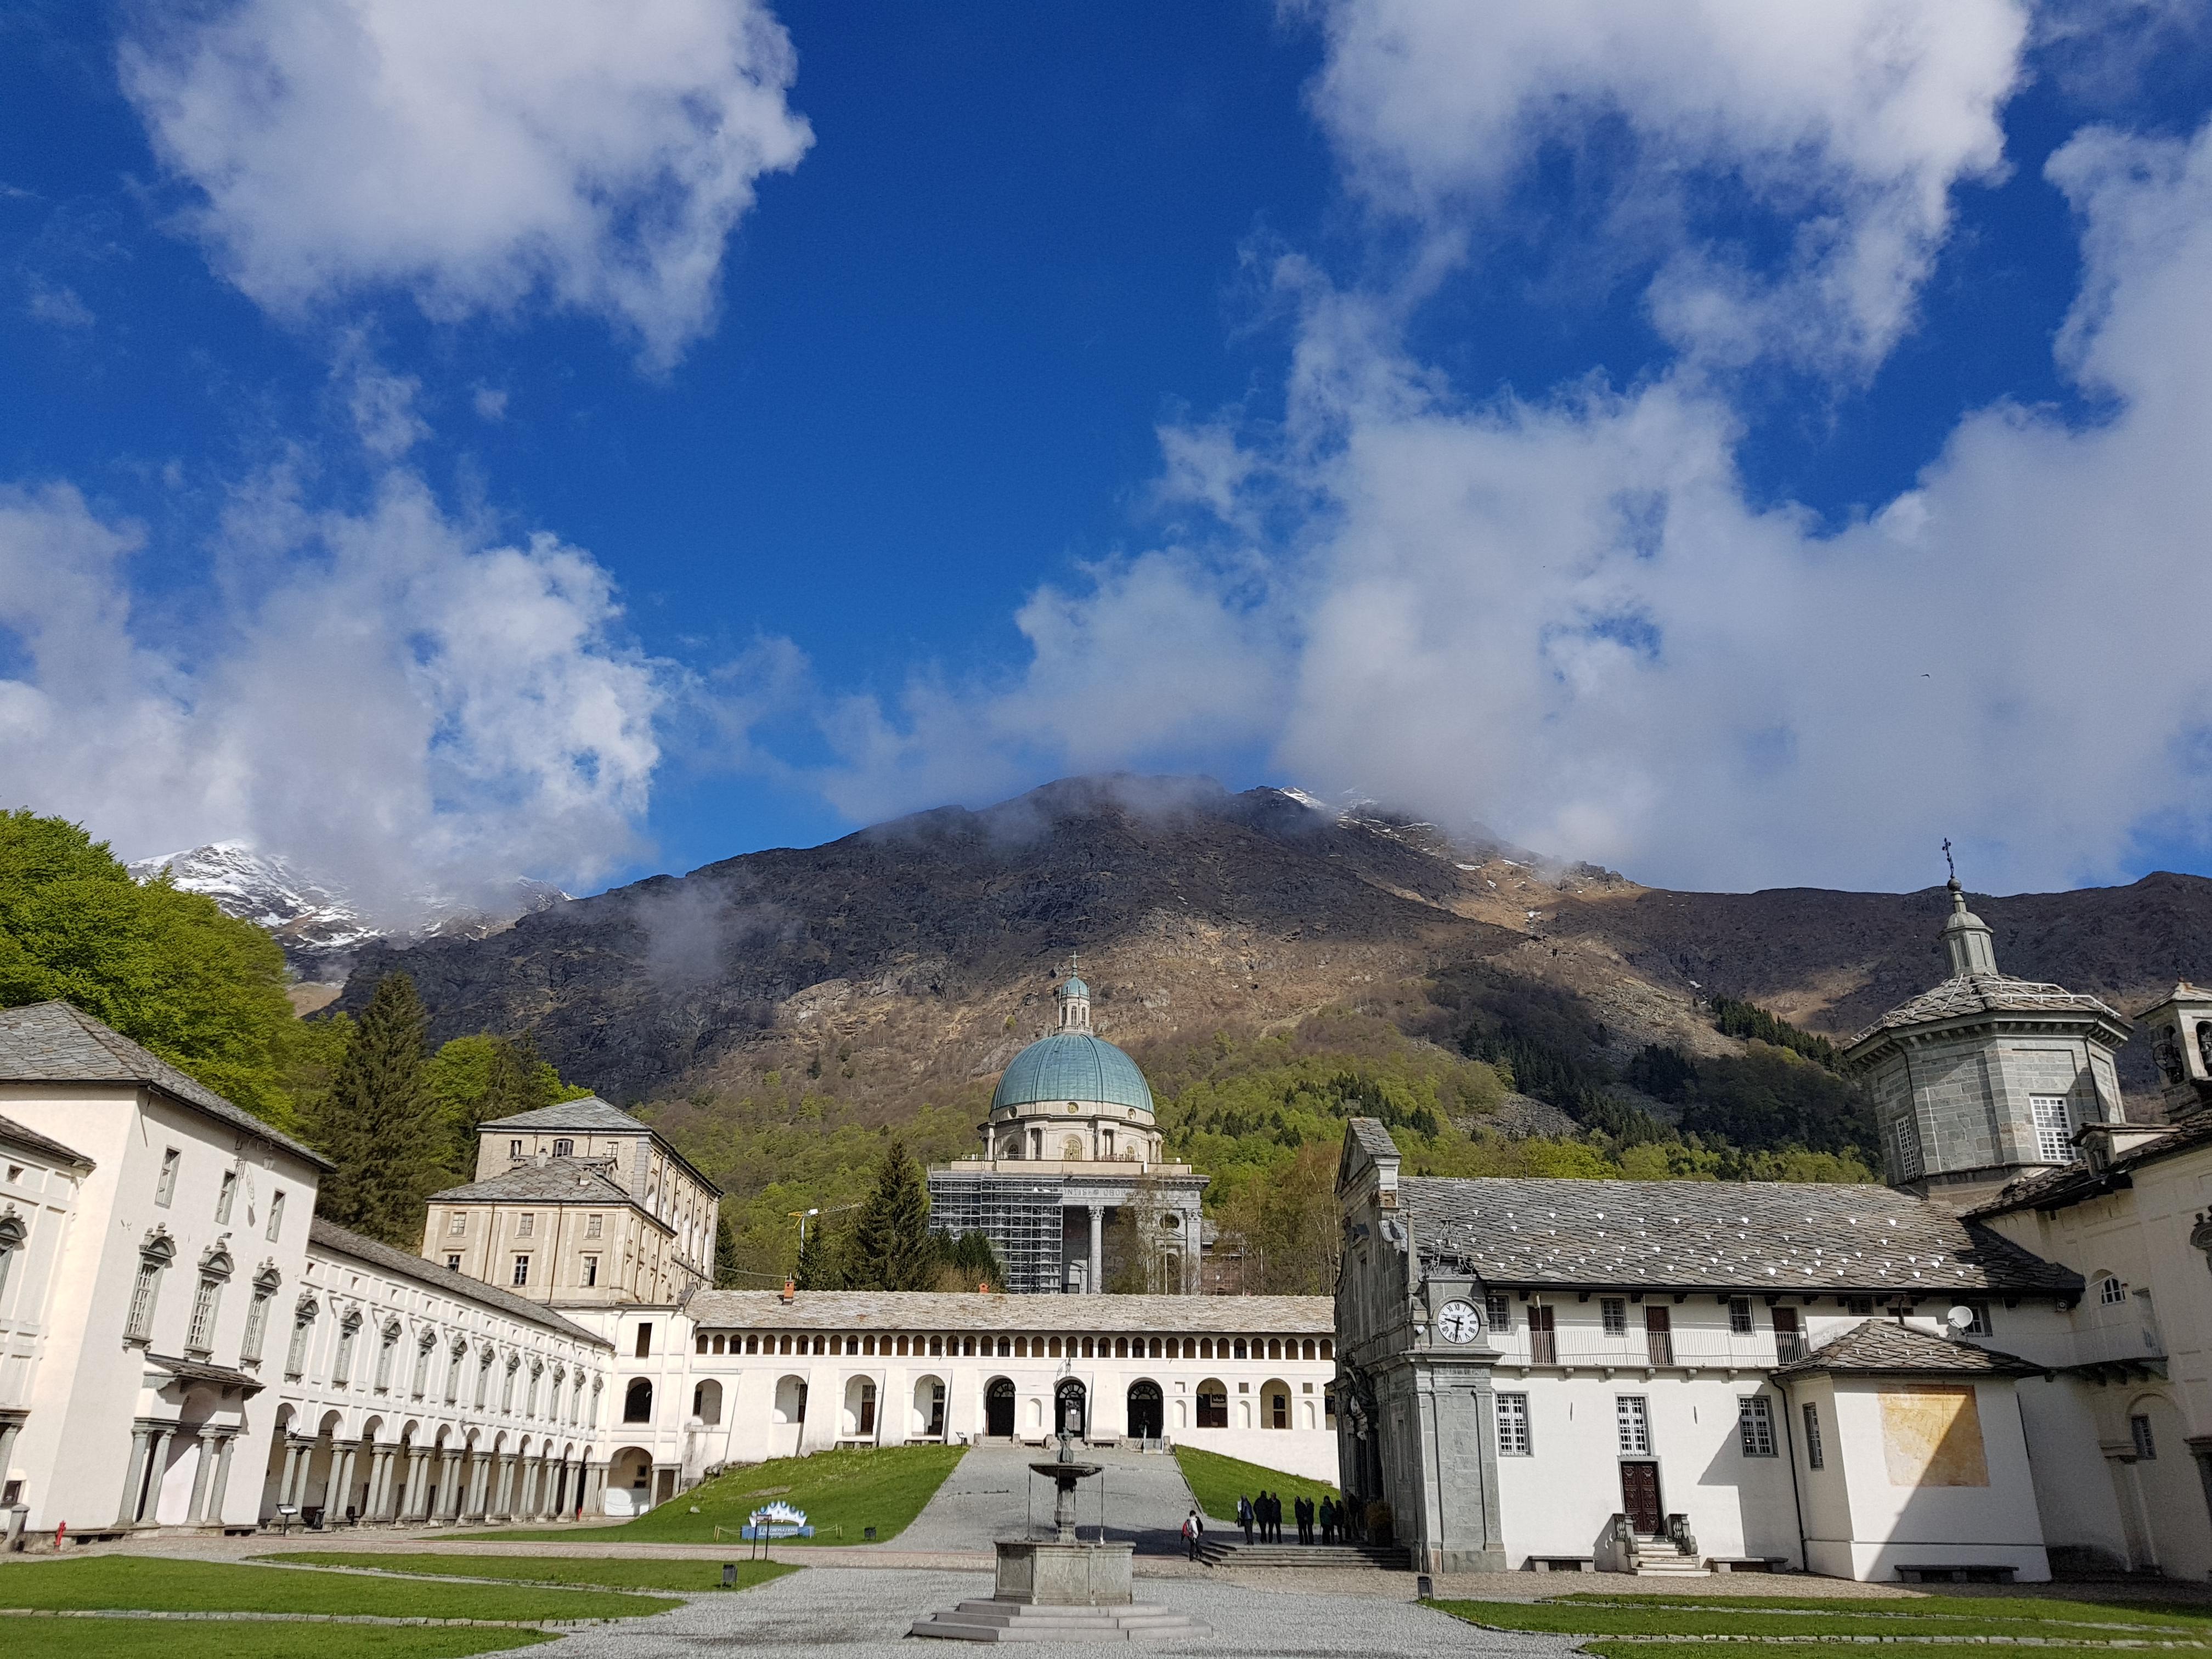 Santuario di Oropa, Piemonte